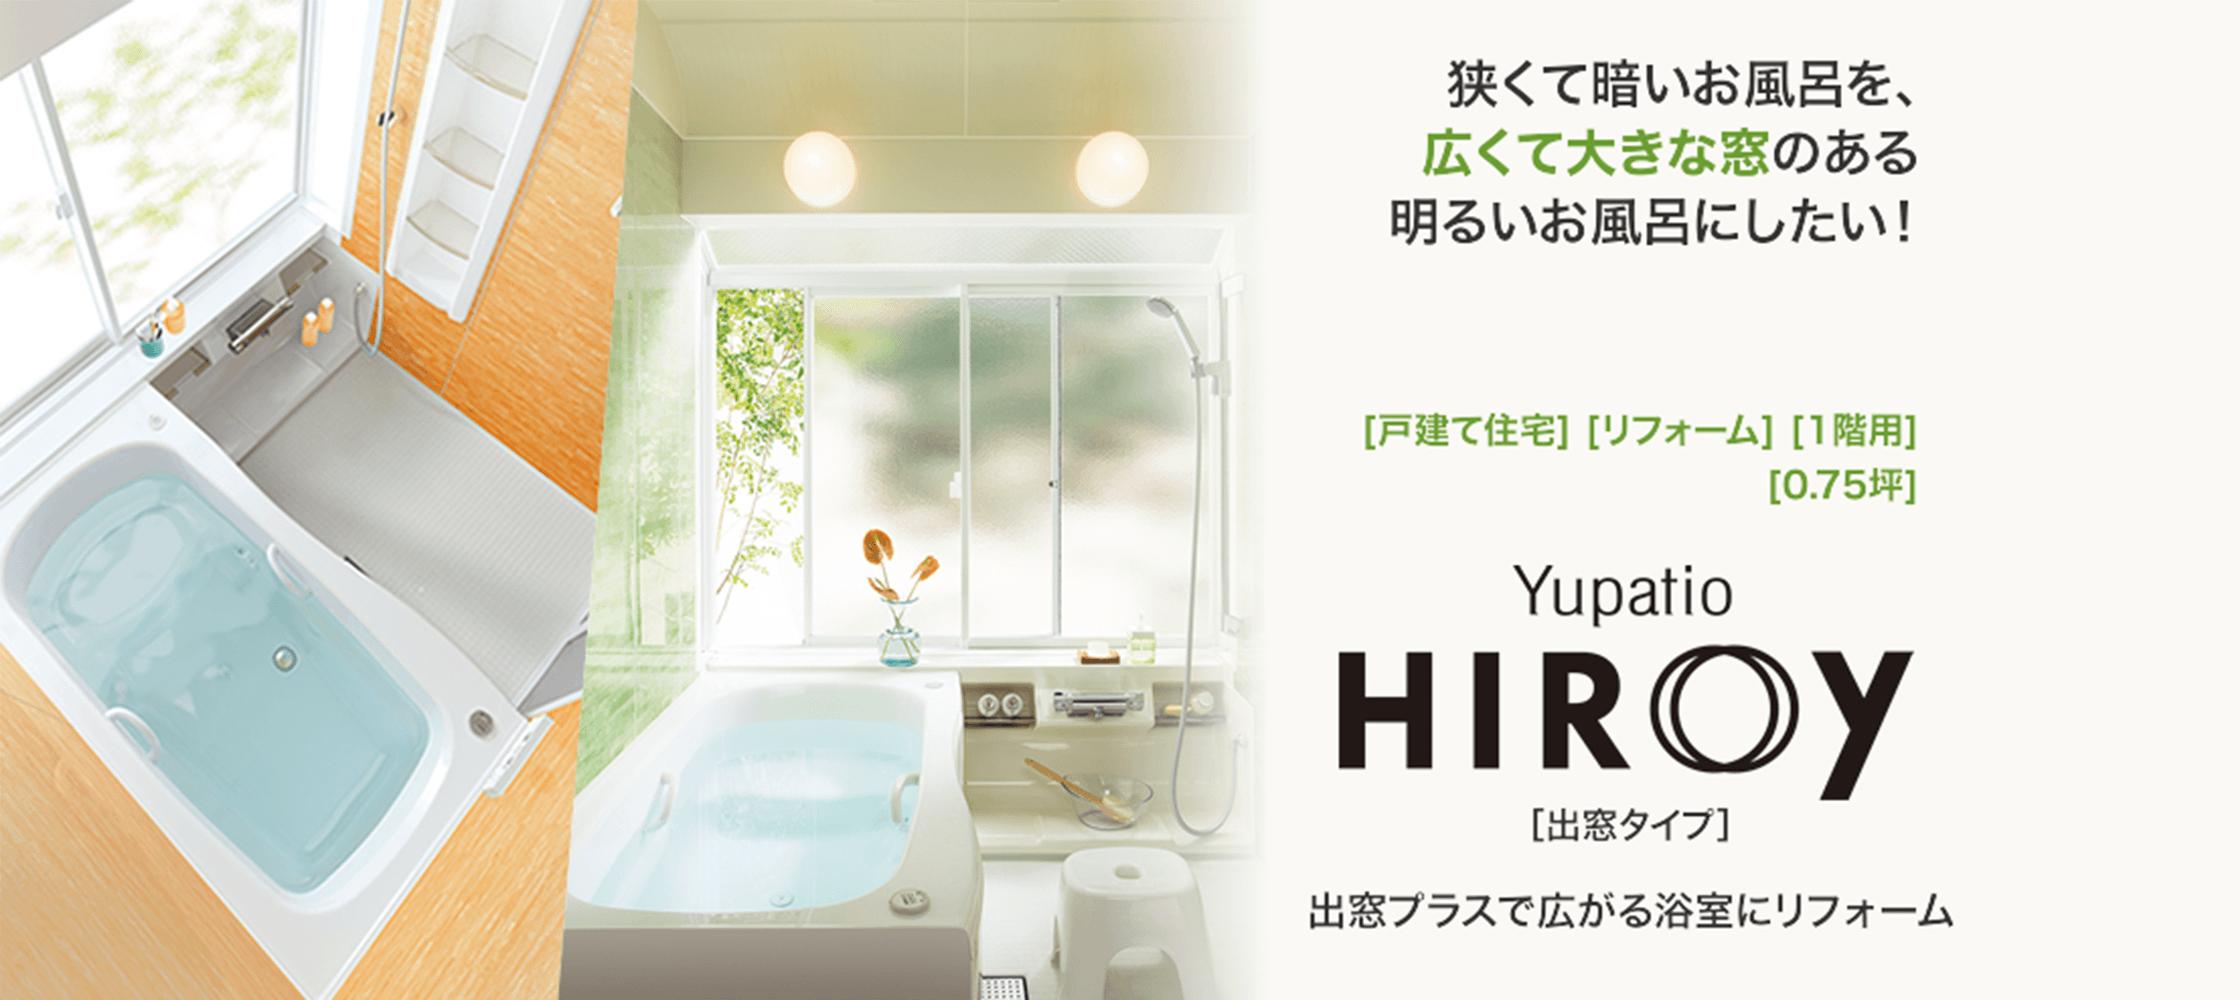 Yupatio HIROy出窓タイプ